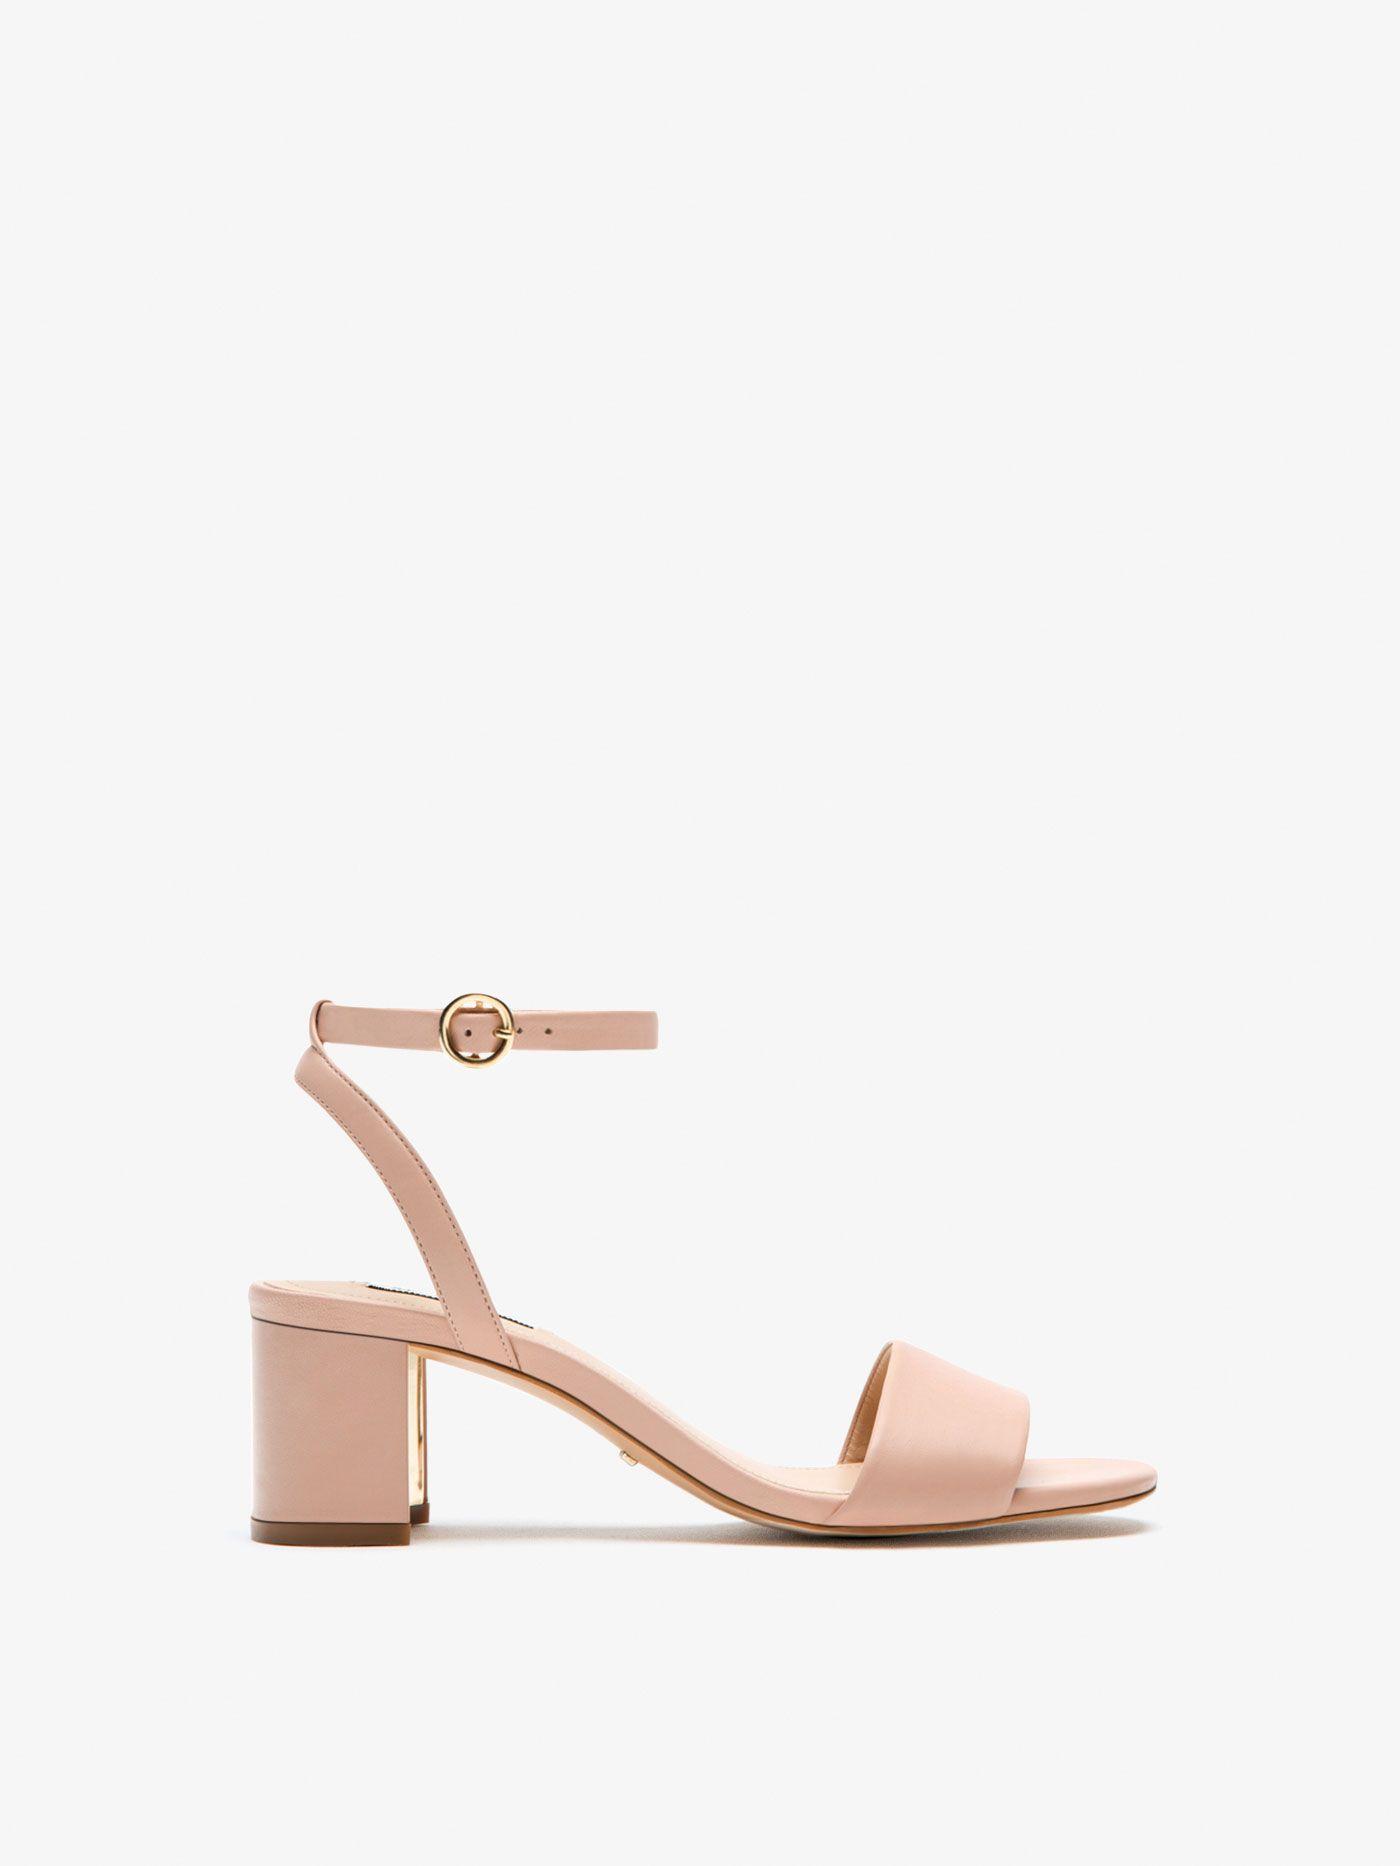 Sandalia de piel tacón medio en napa color nude. Destaca por su pieza  metálica en el front del tacón. Incluye detalle de pulsera atada al tobillo  con ... 80b6505bd635